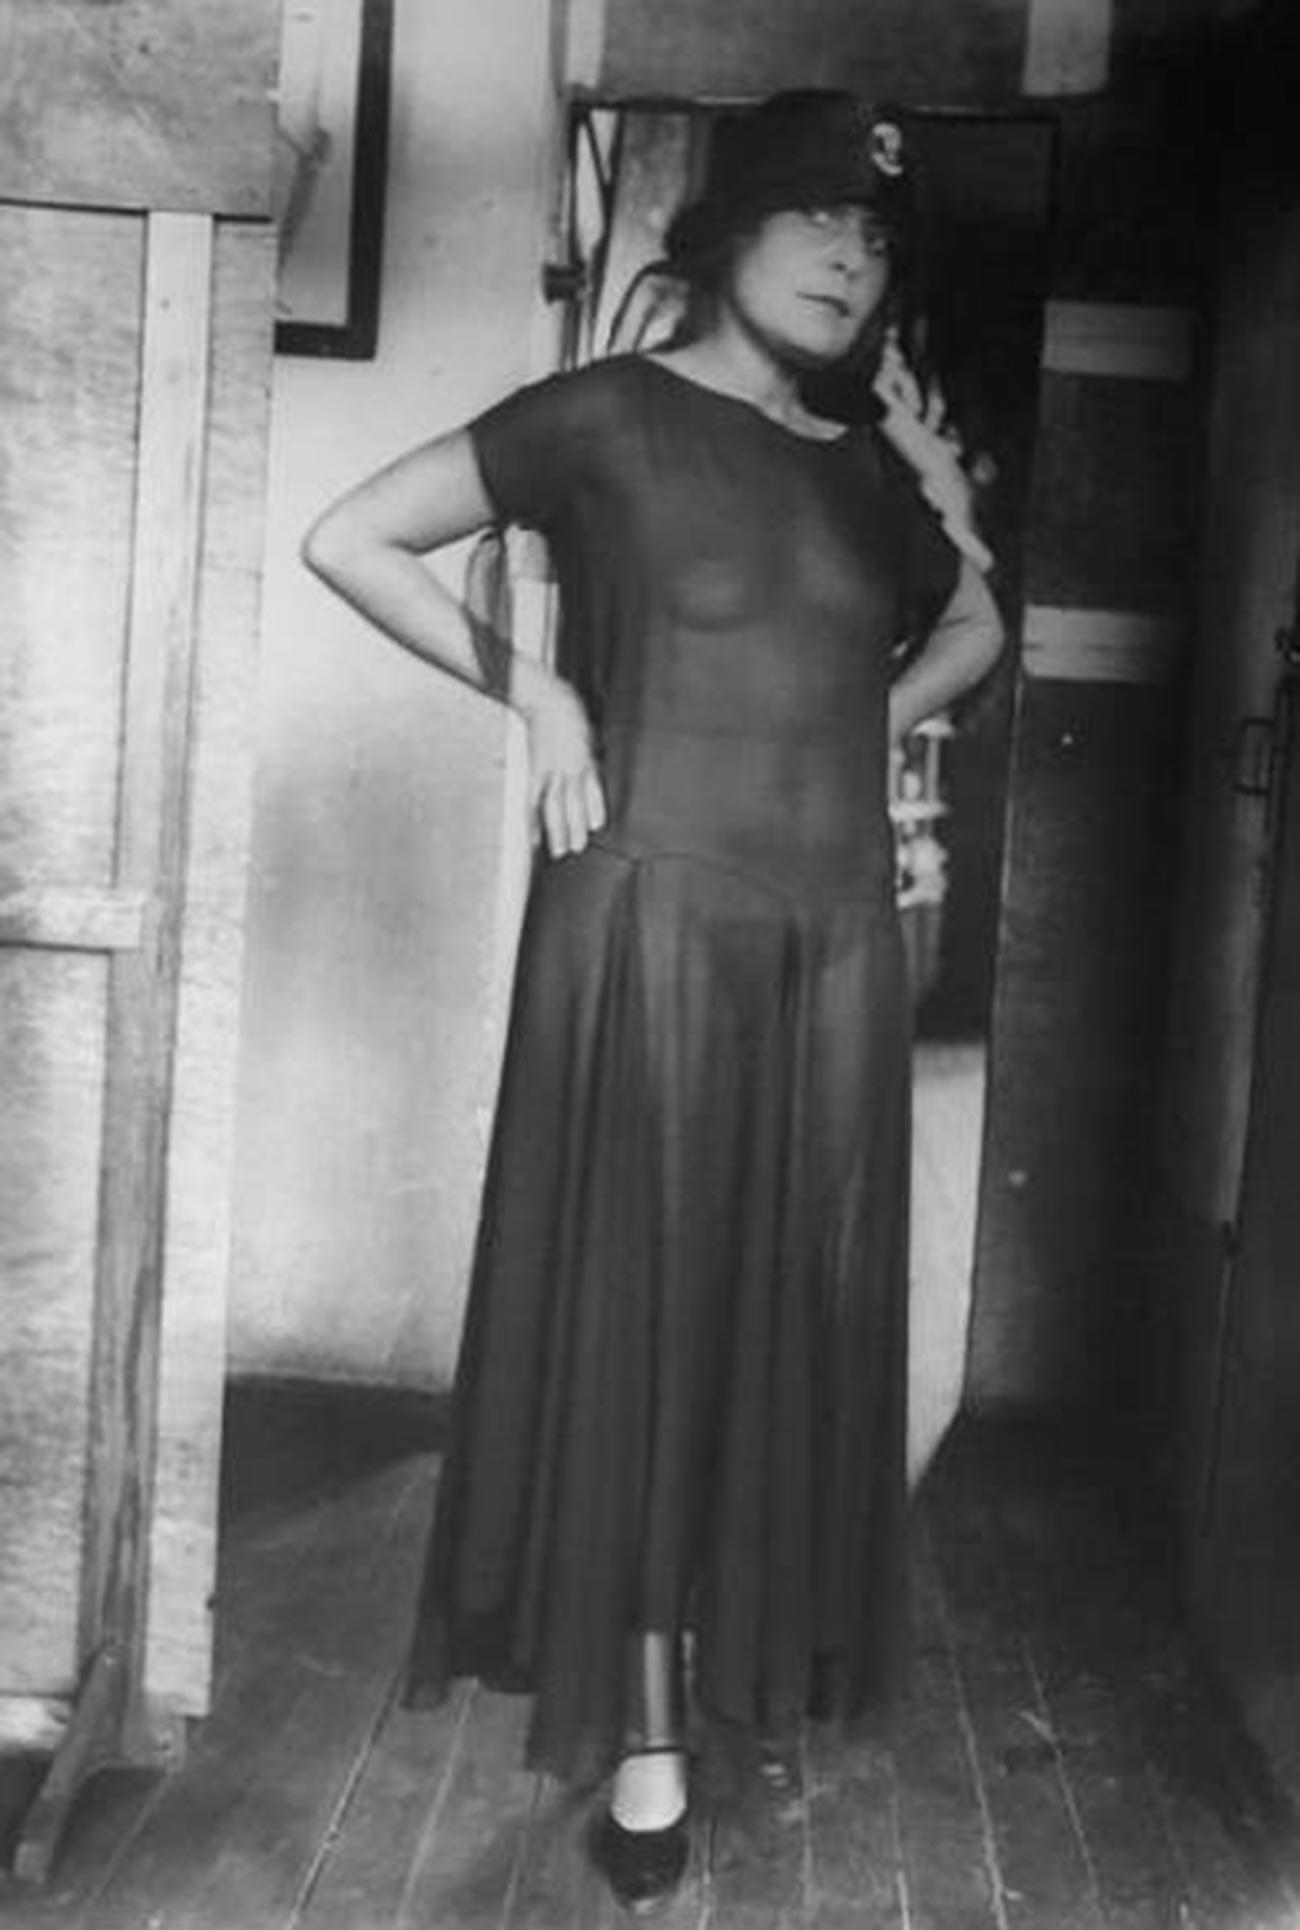 Muza pesnika Vladimirja Majakovskega Lilija Brik v prosojni obleki, 1924